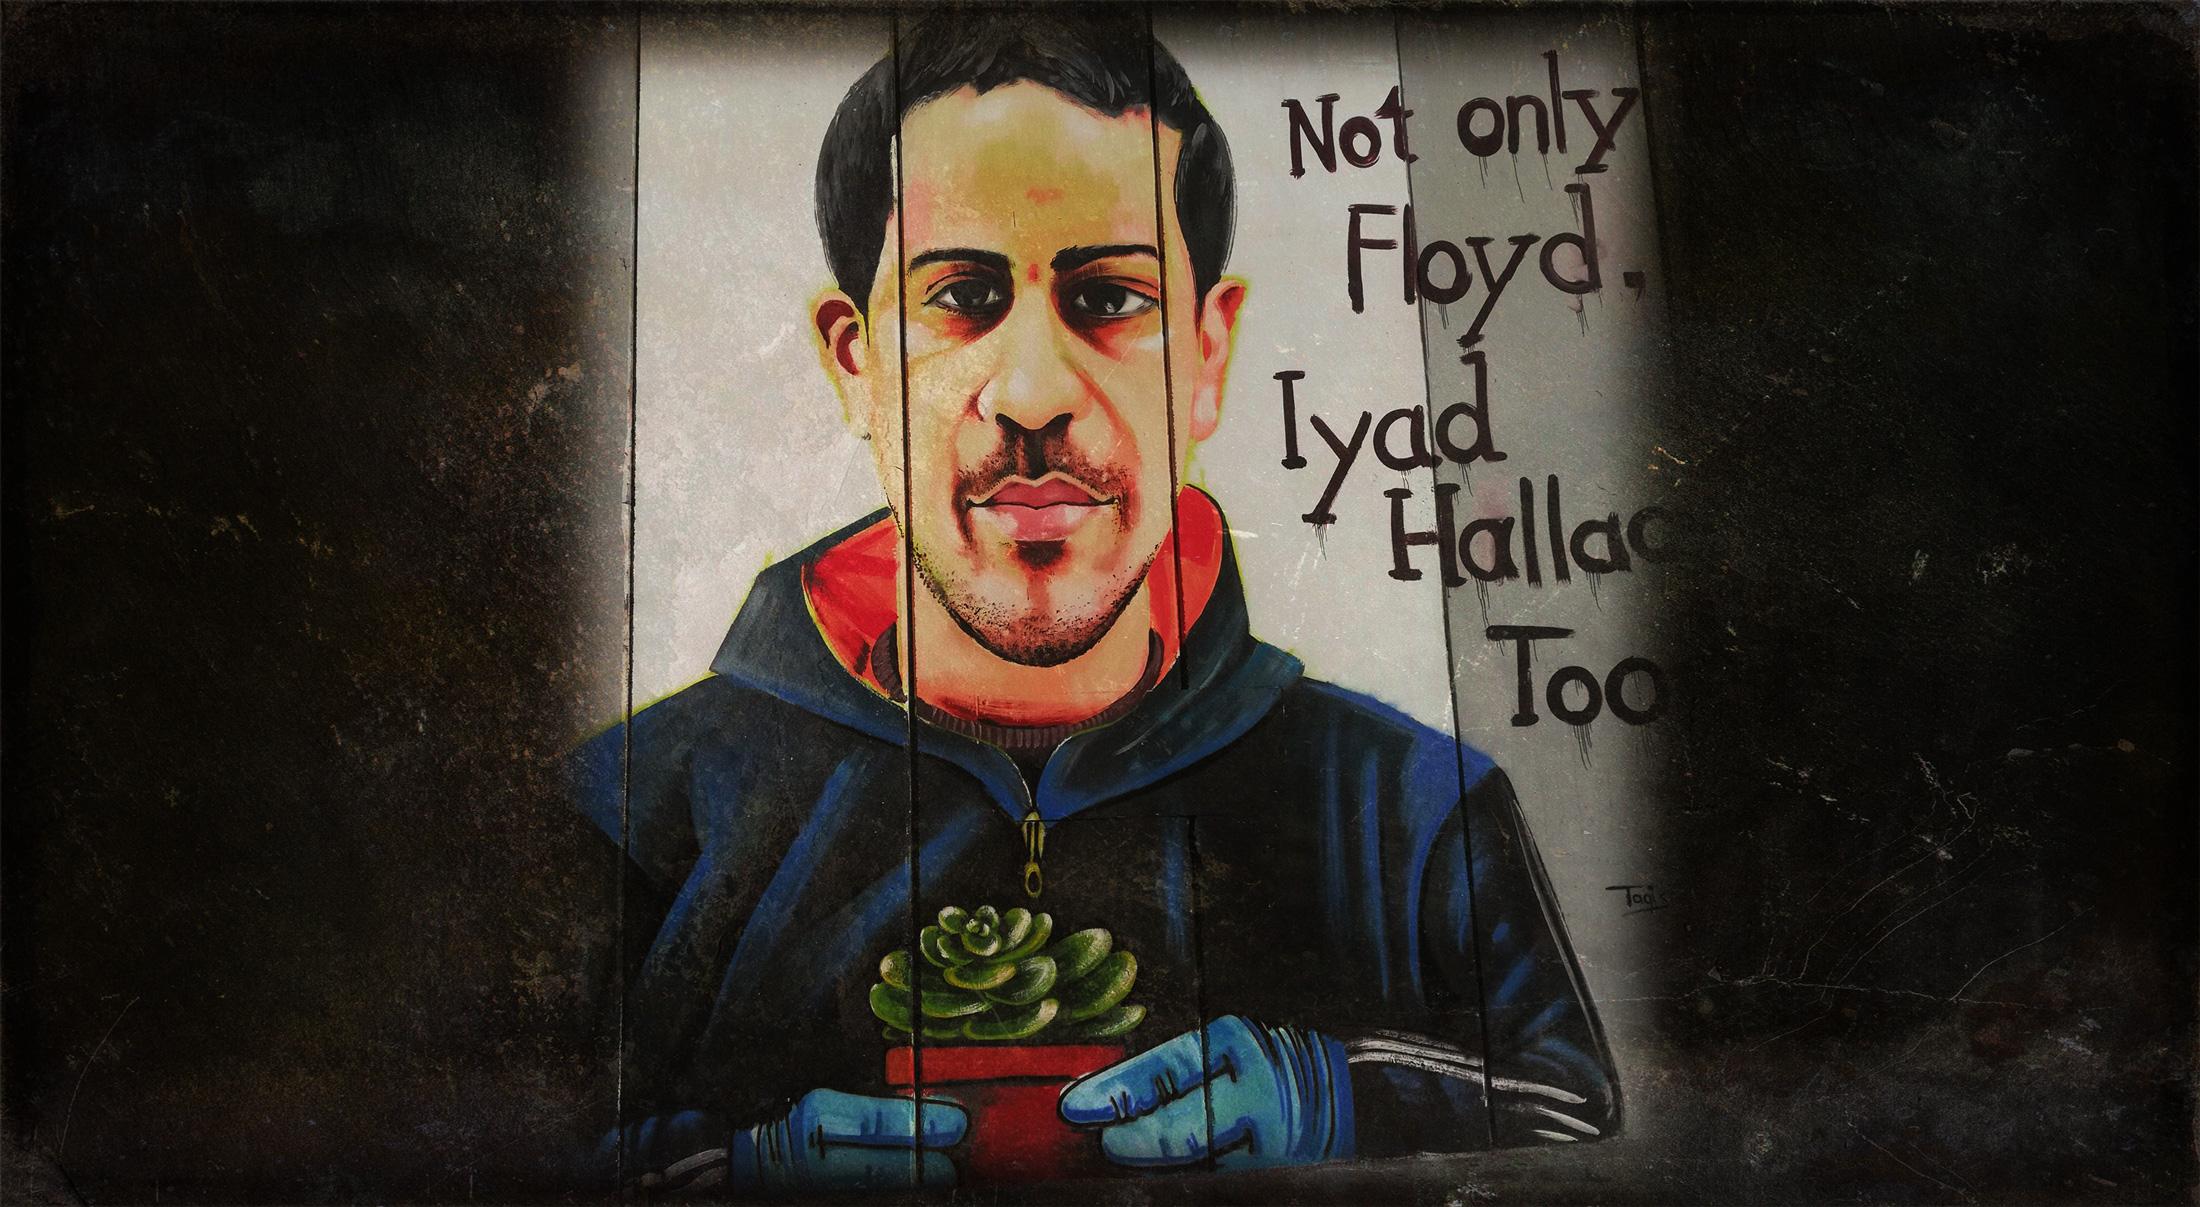 Israelische Polizei ermordete autistischen Palästinenser <br>  <span id='sec-title'>Polizeigewalt in Israel</span>